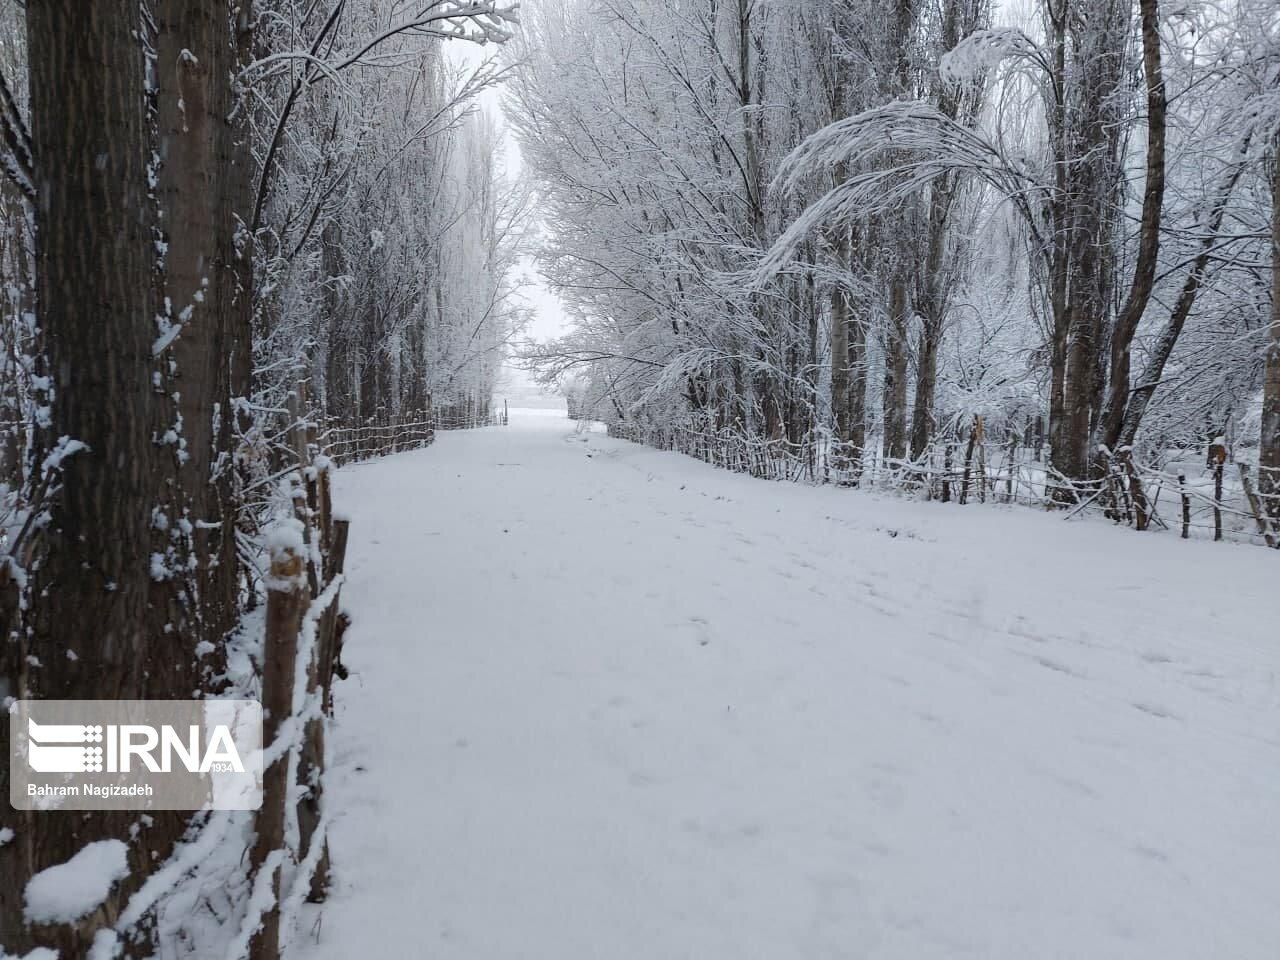 ارتفاع برف در ناوه بجنورد به ۲۰ سانتیمتر رسید